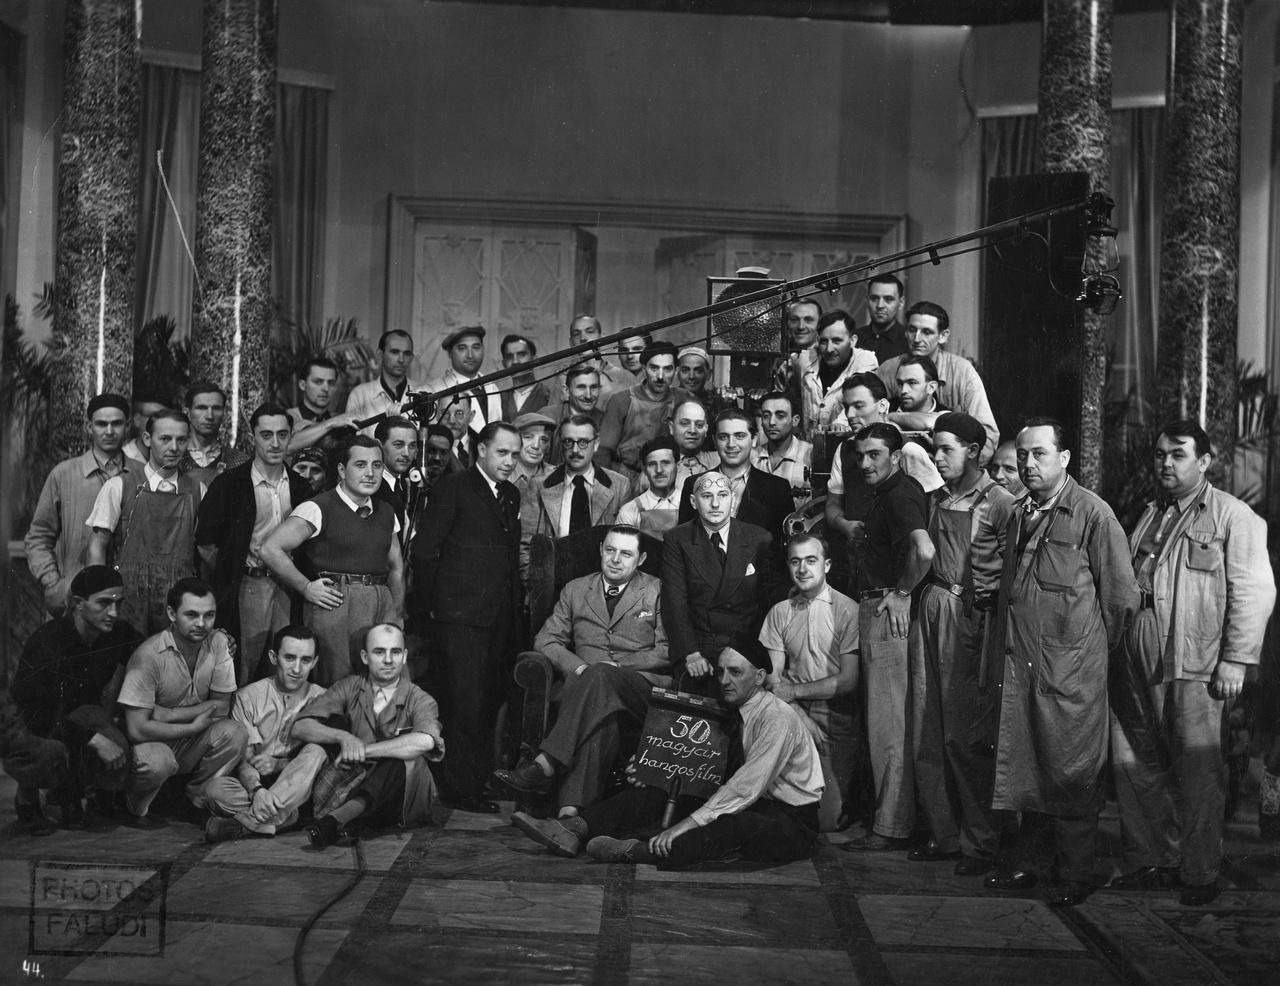 Az ötvenedik magyar hangosfilm stábfotójára még a Hunnia igazgatója, Bingert János is beült. Fotelje mellett a gyár aligazgatója, Nagy Sándor áll, a másik oldalon Balogh Béla filmrendező ül a karfán. Régi nagy némafilmrendezőnk volt, aki a hangos korszakban is sokat dolgozott. Ő rendezte ezt az 1936-os produkciót is, amelynek munkacímei hetente cserélődtek. Végül a Méltóságos kisasszony mellett kötöttek ki, és ez lett a későbbi filmcsillag, Szeleczky Zita első filmje.